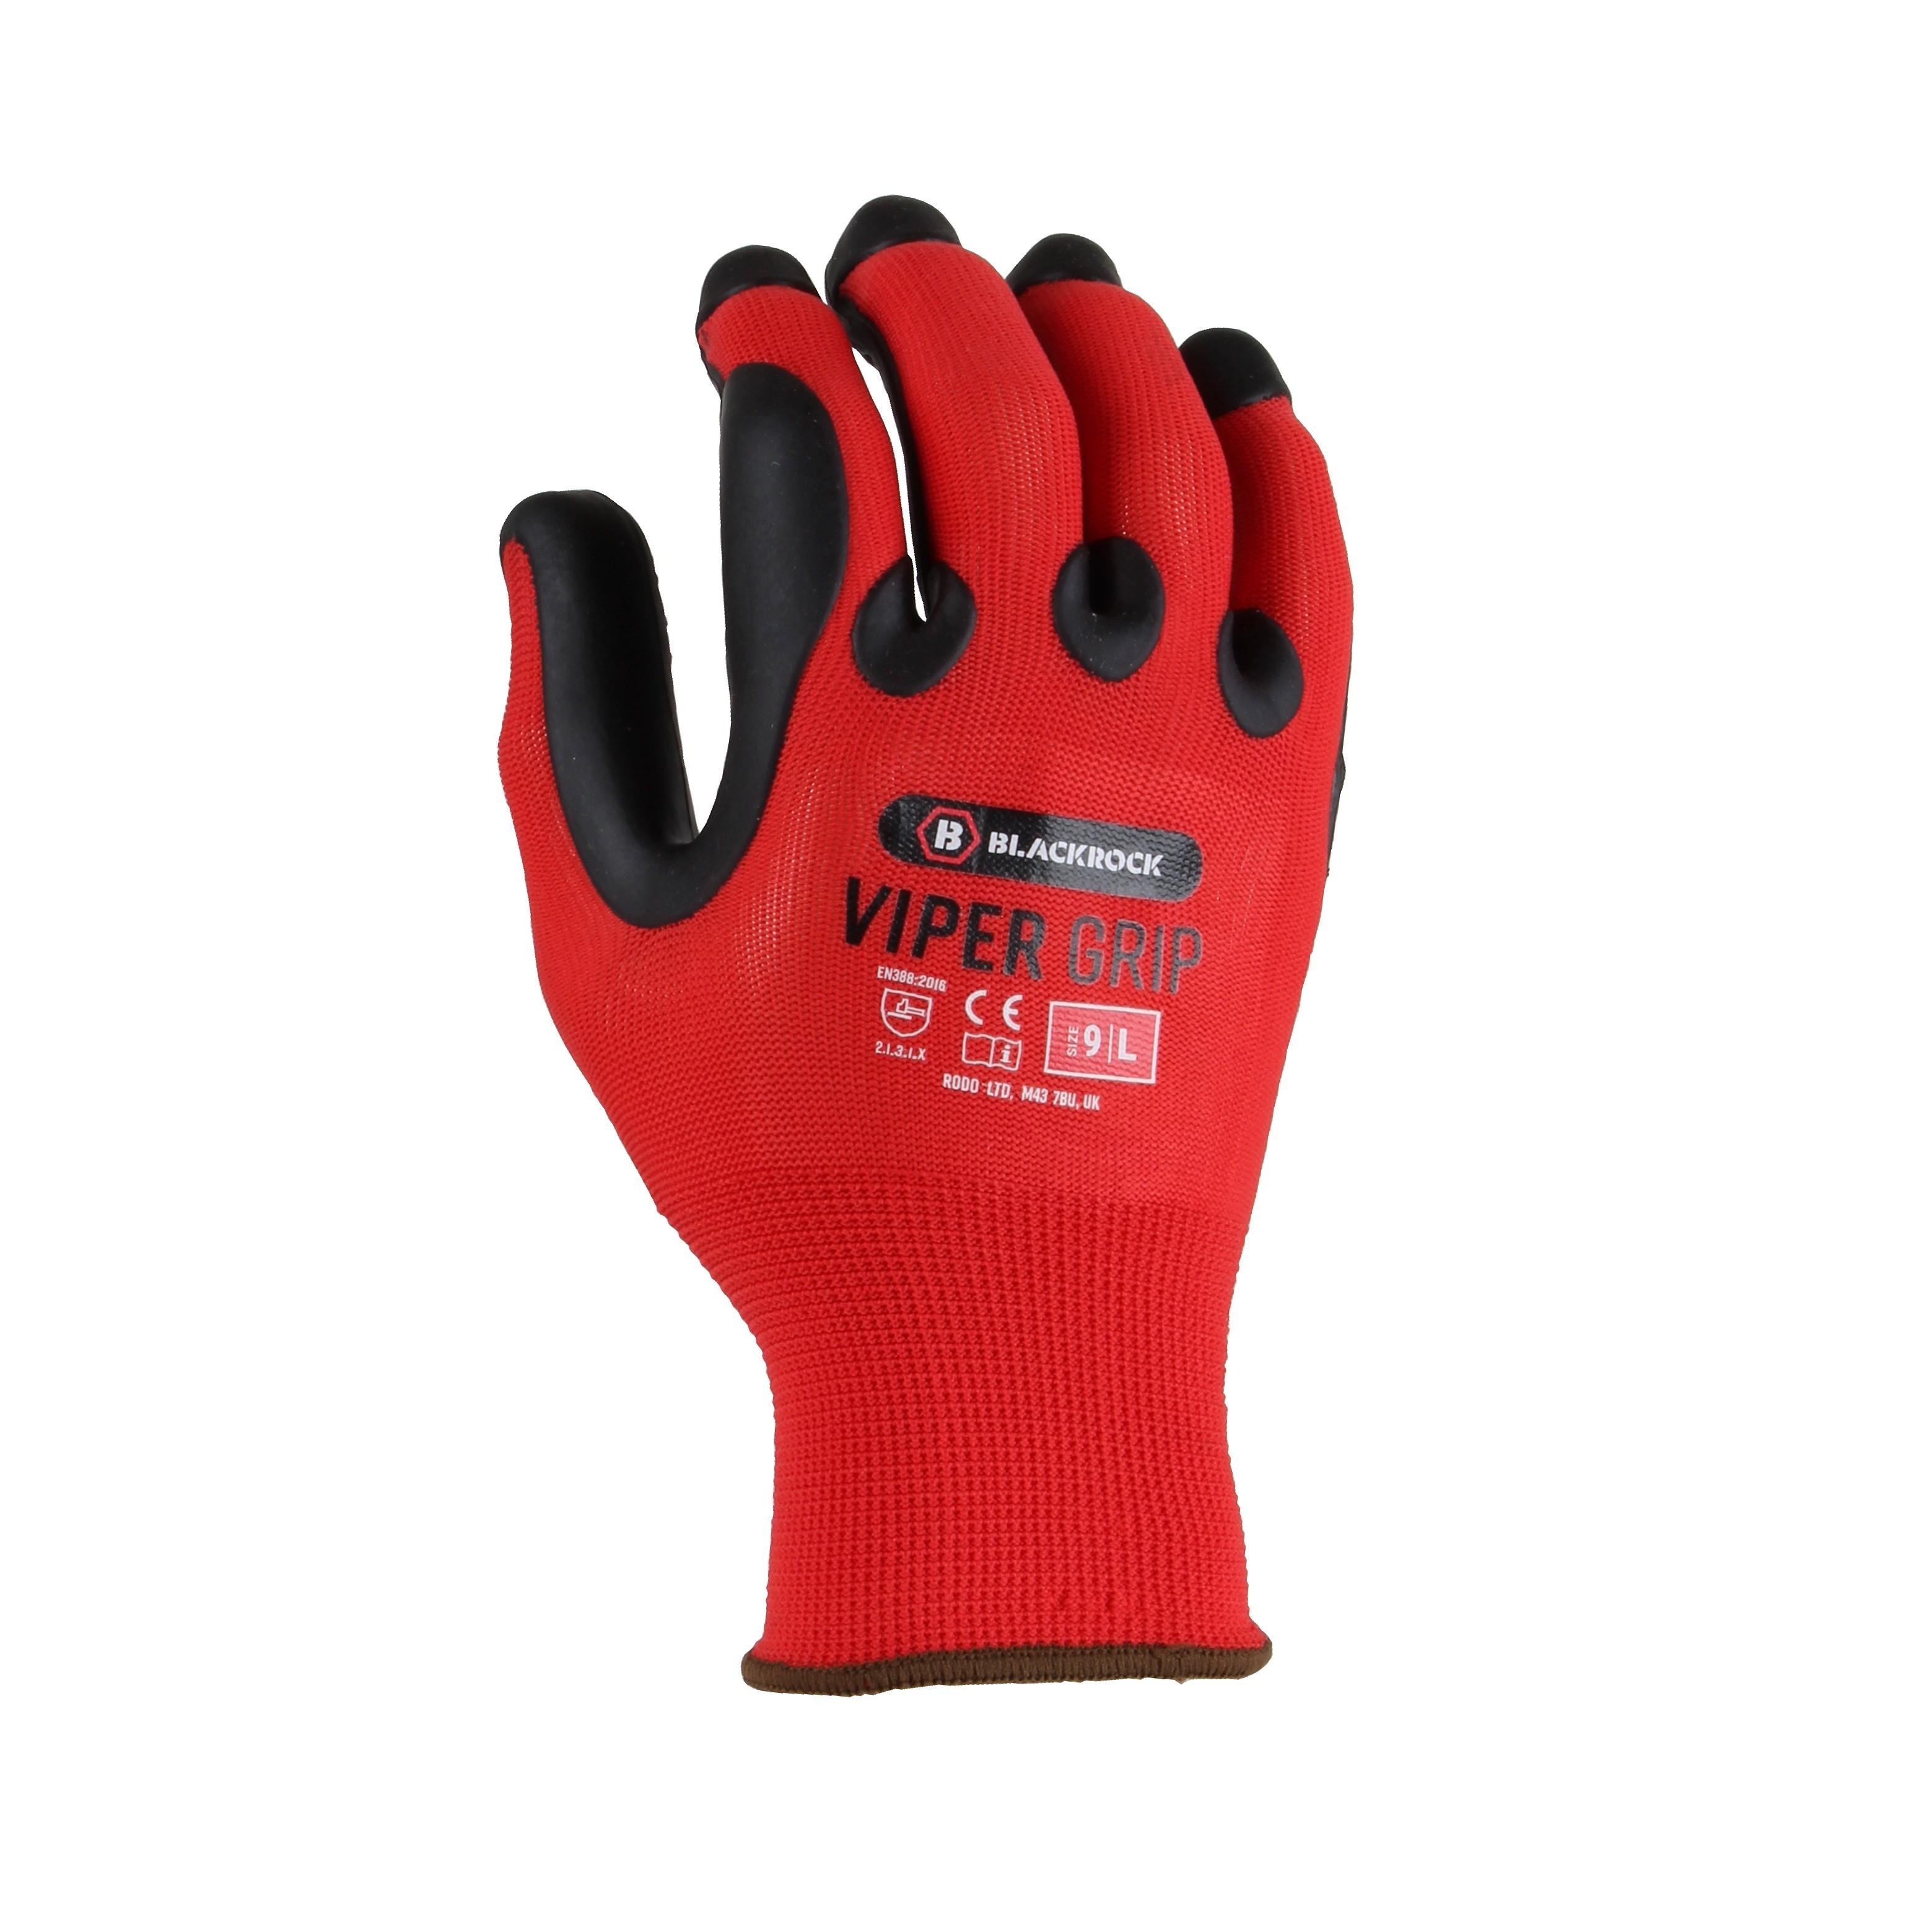 Viper Grip Glove